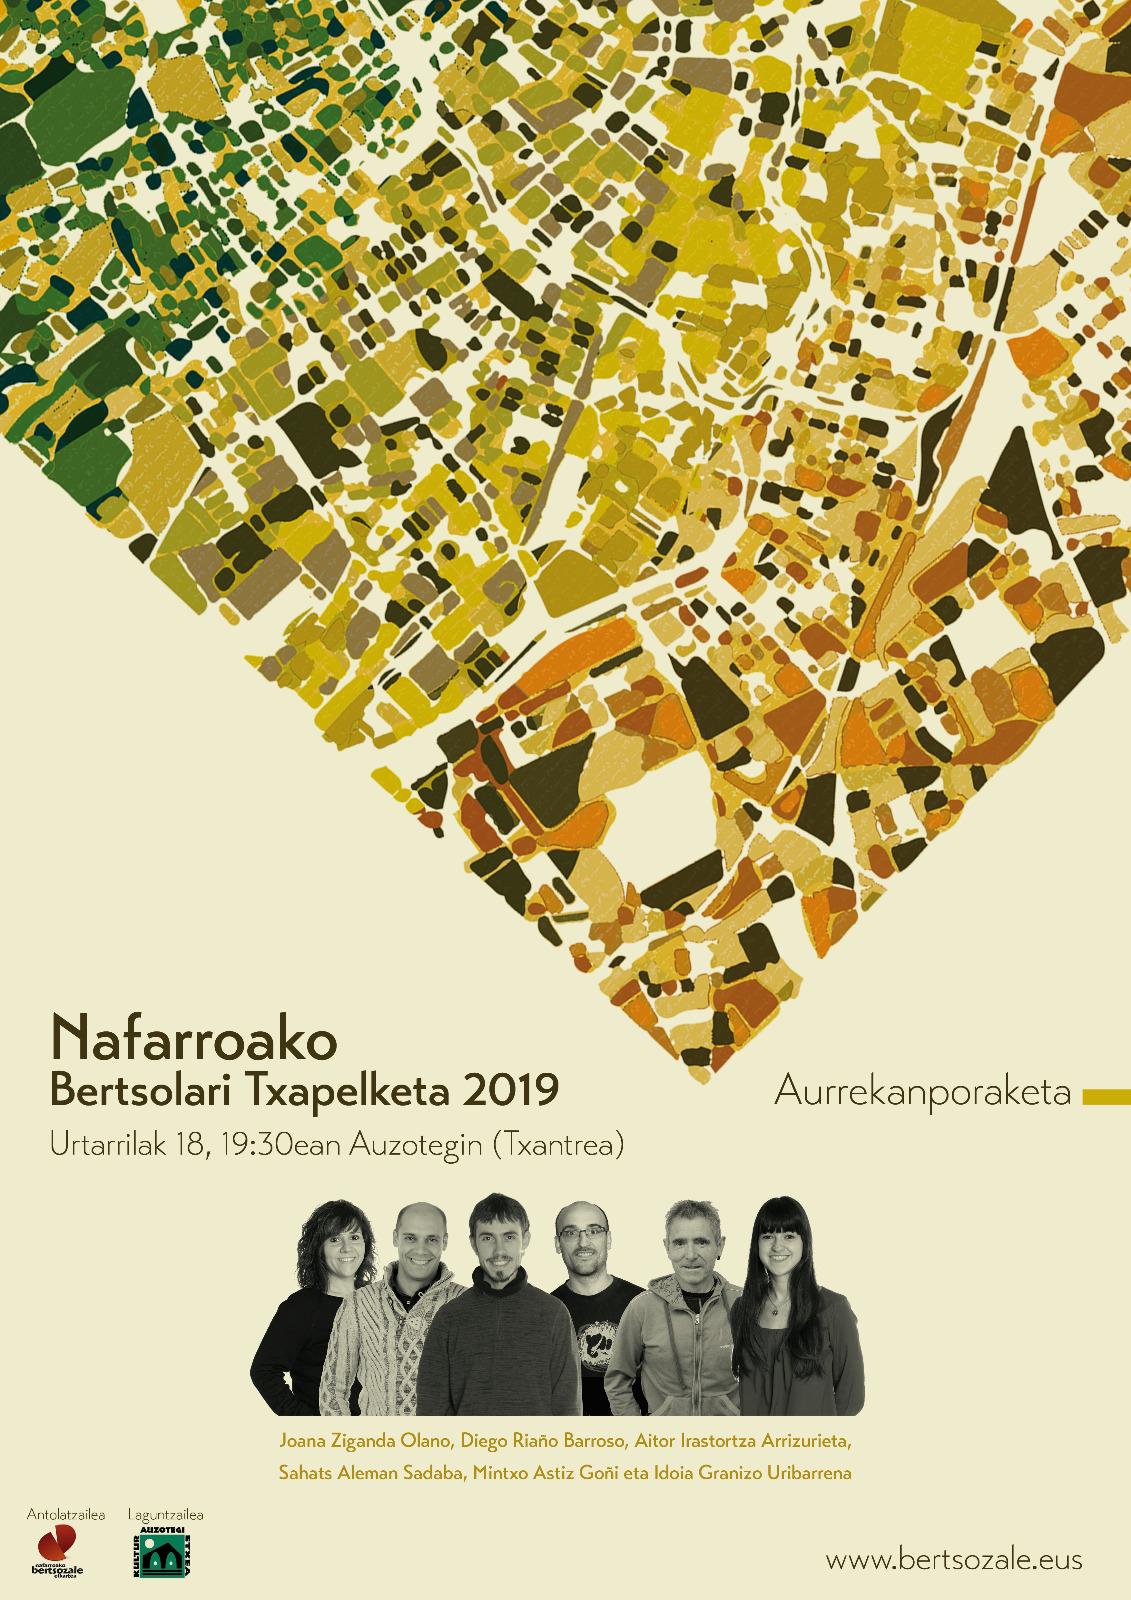 NAFARROAKO BERTSOLARI TXAPELKETA 2019 - ATARRABIA @ ATARRABIAKO KULTUR ETXEA